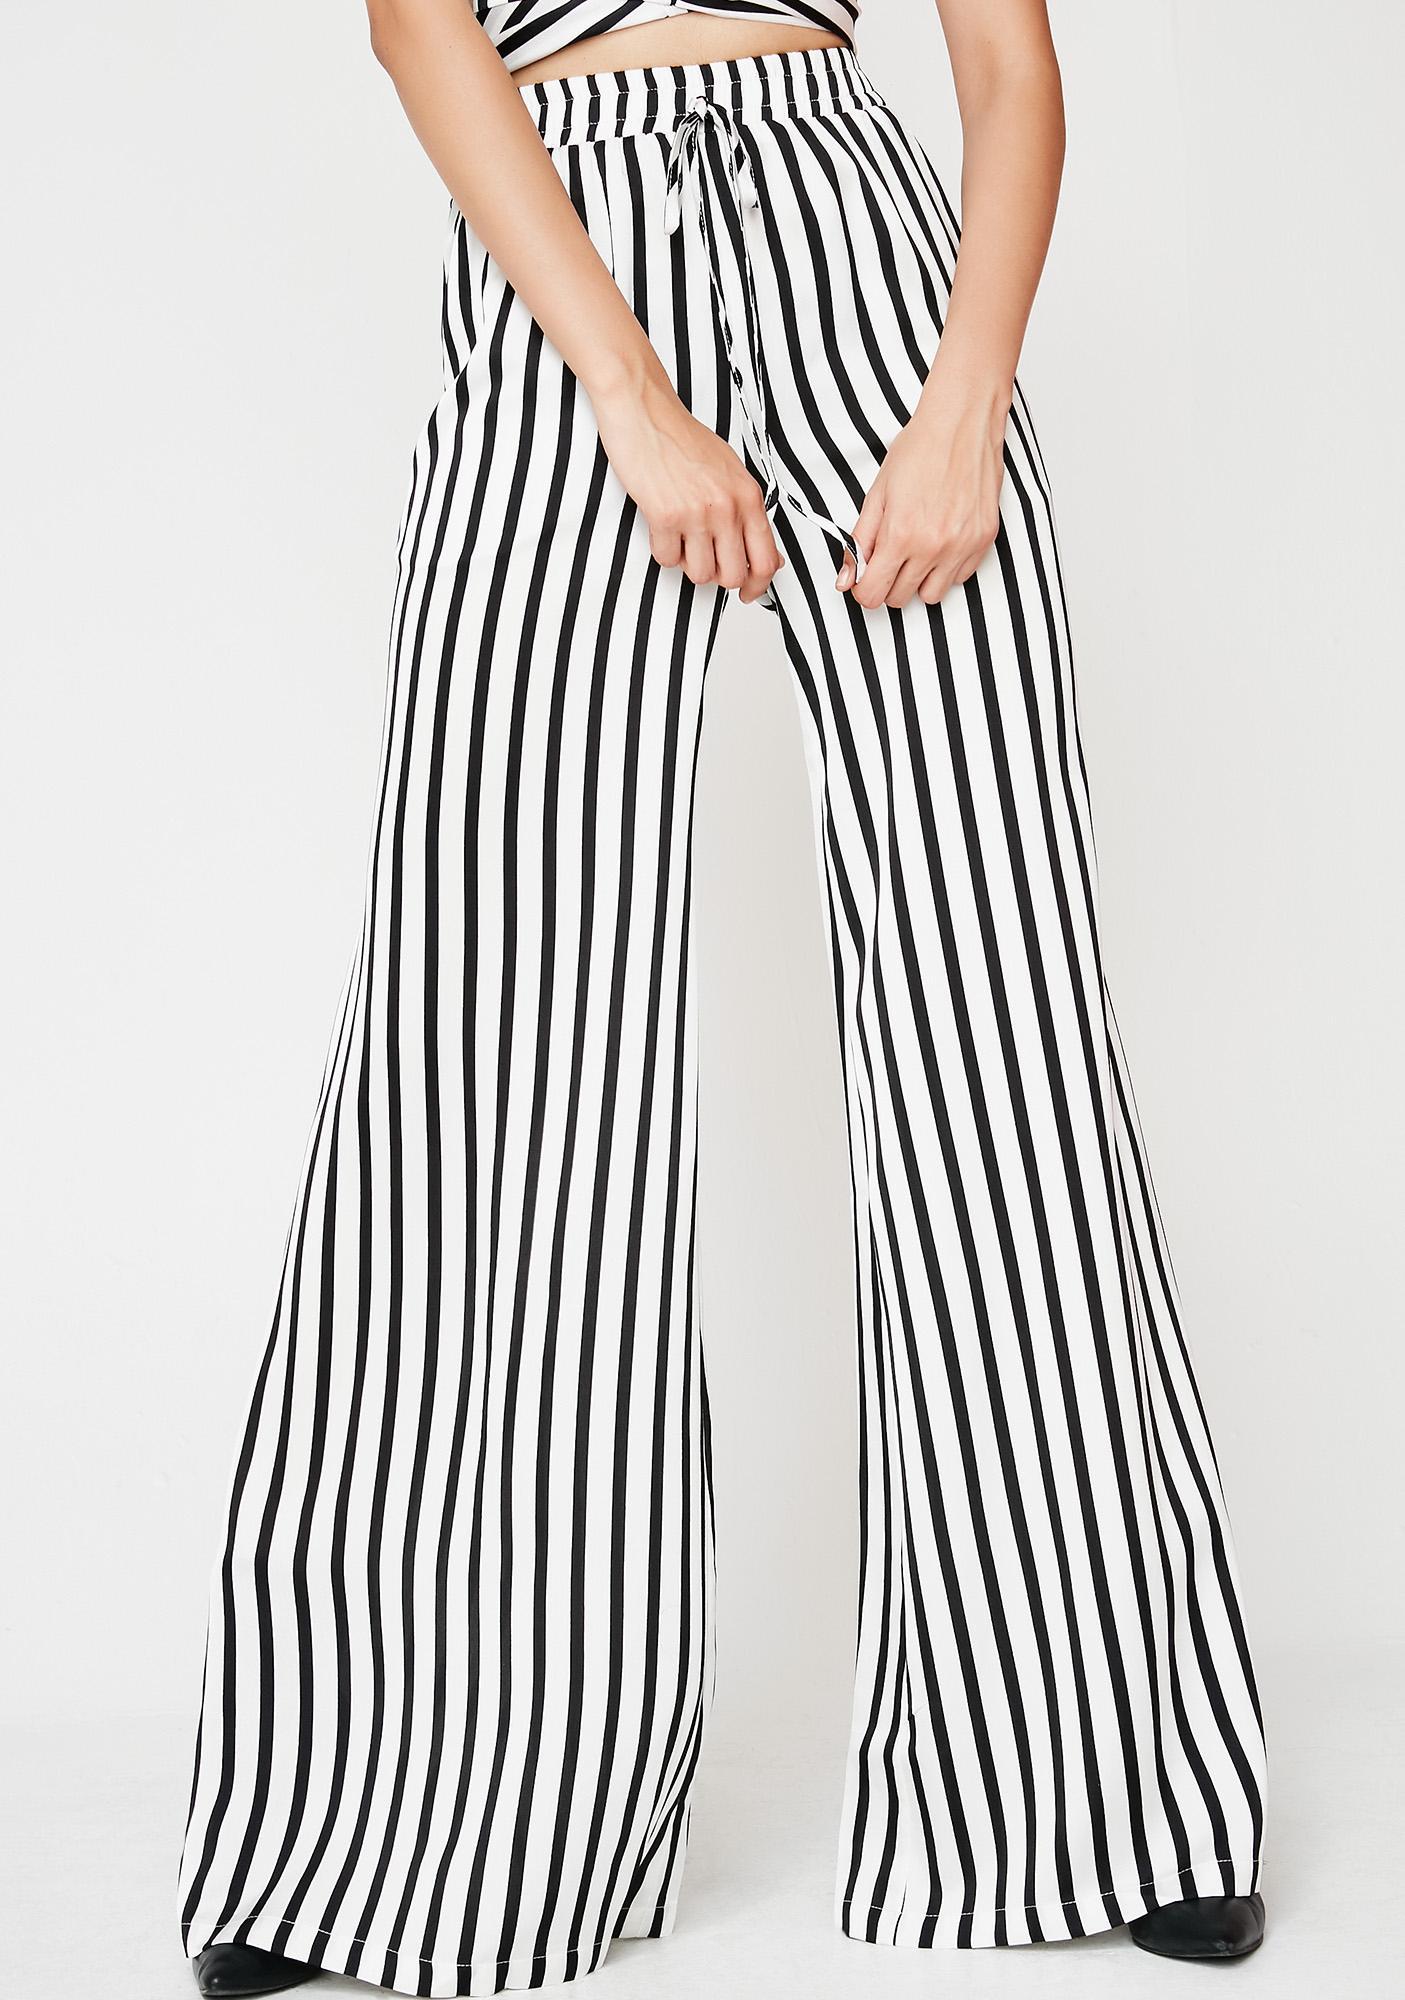 Won't Stop Stripe Pants